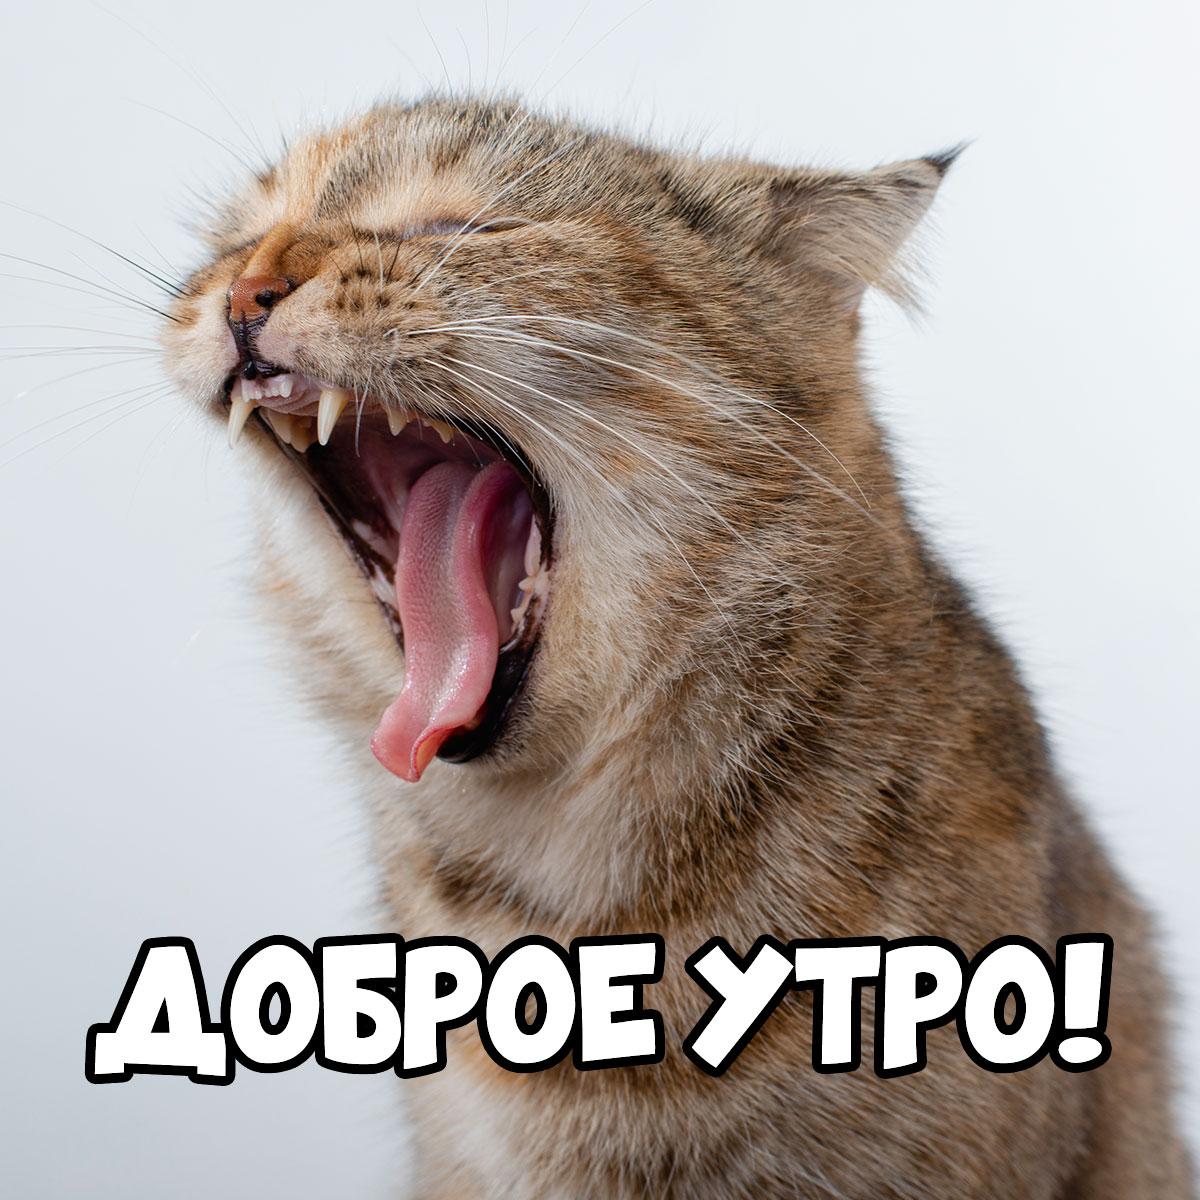 Фотография с подписью доброе утро зевающий кот с коричневой шерстью.